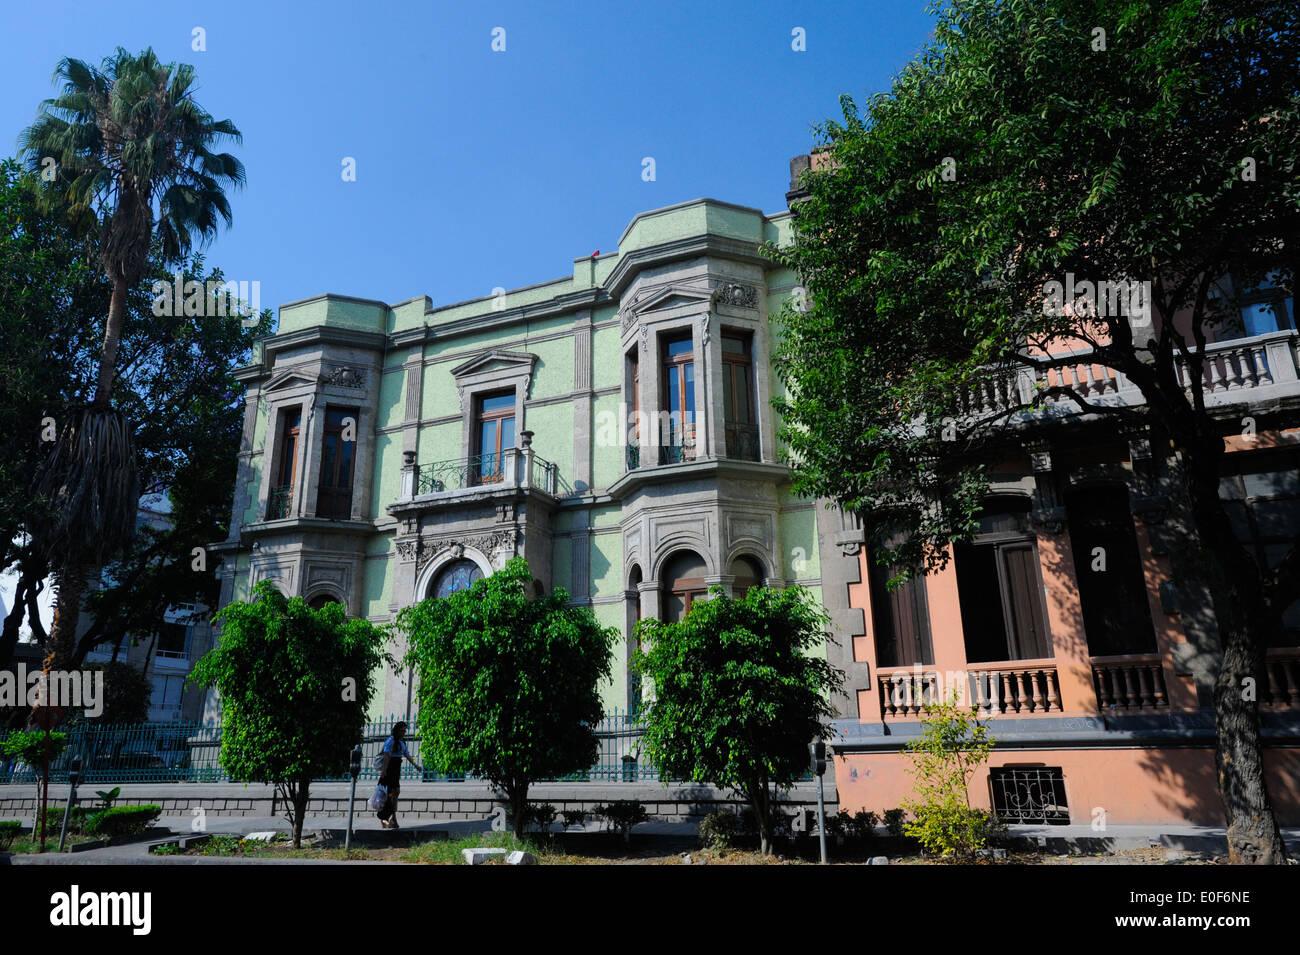 Zona Rosa neighborhood of Mexico City, Mexico - Stock Image